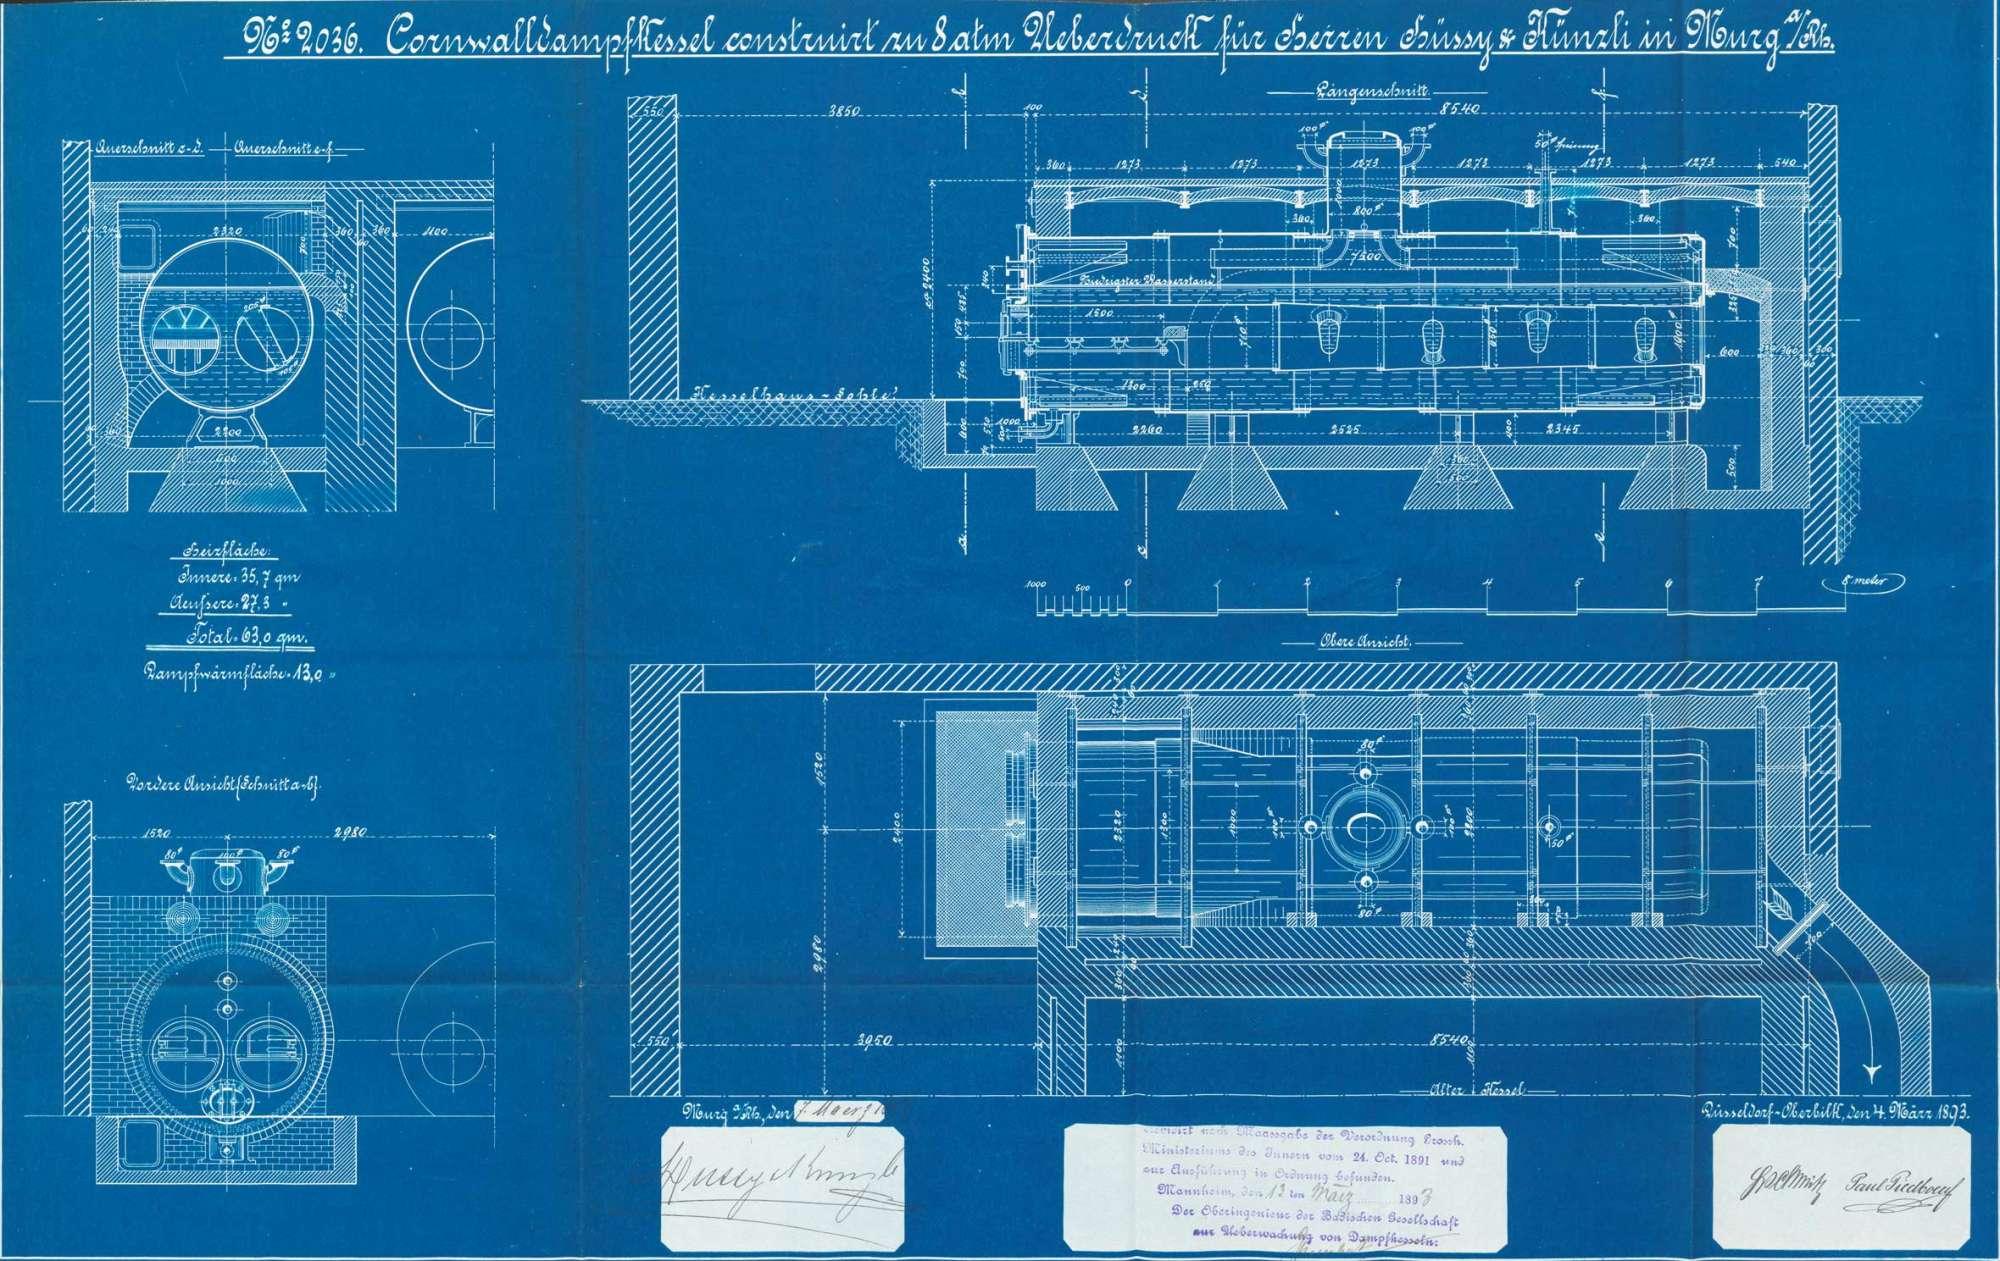 Ungewöhnlich Dampfkesselfunktion Fotos - Elektrische Schaltplan ...